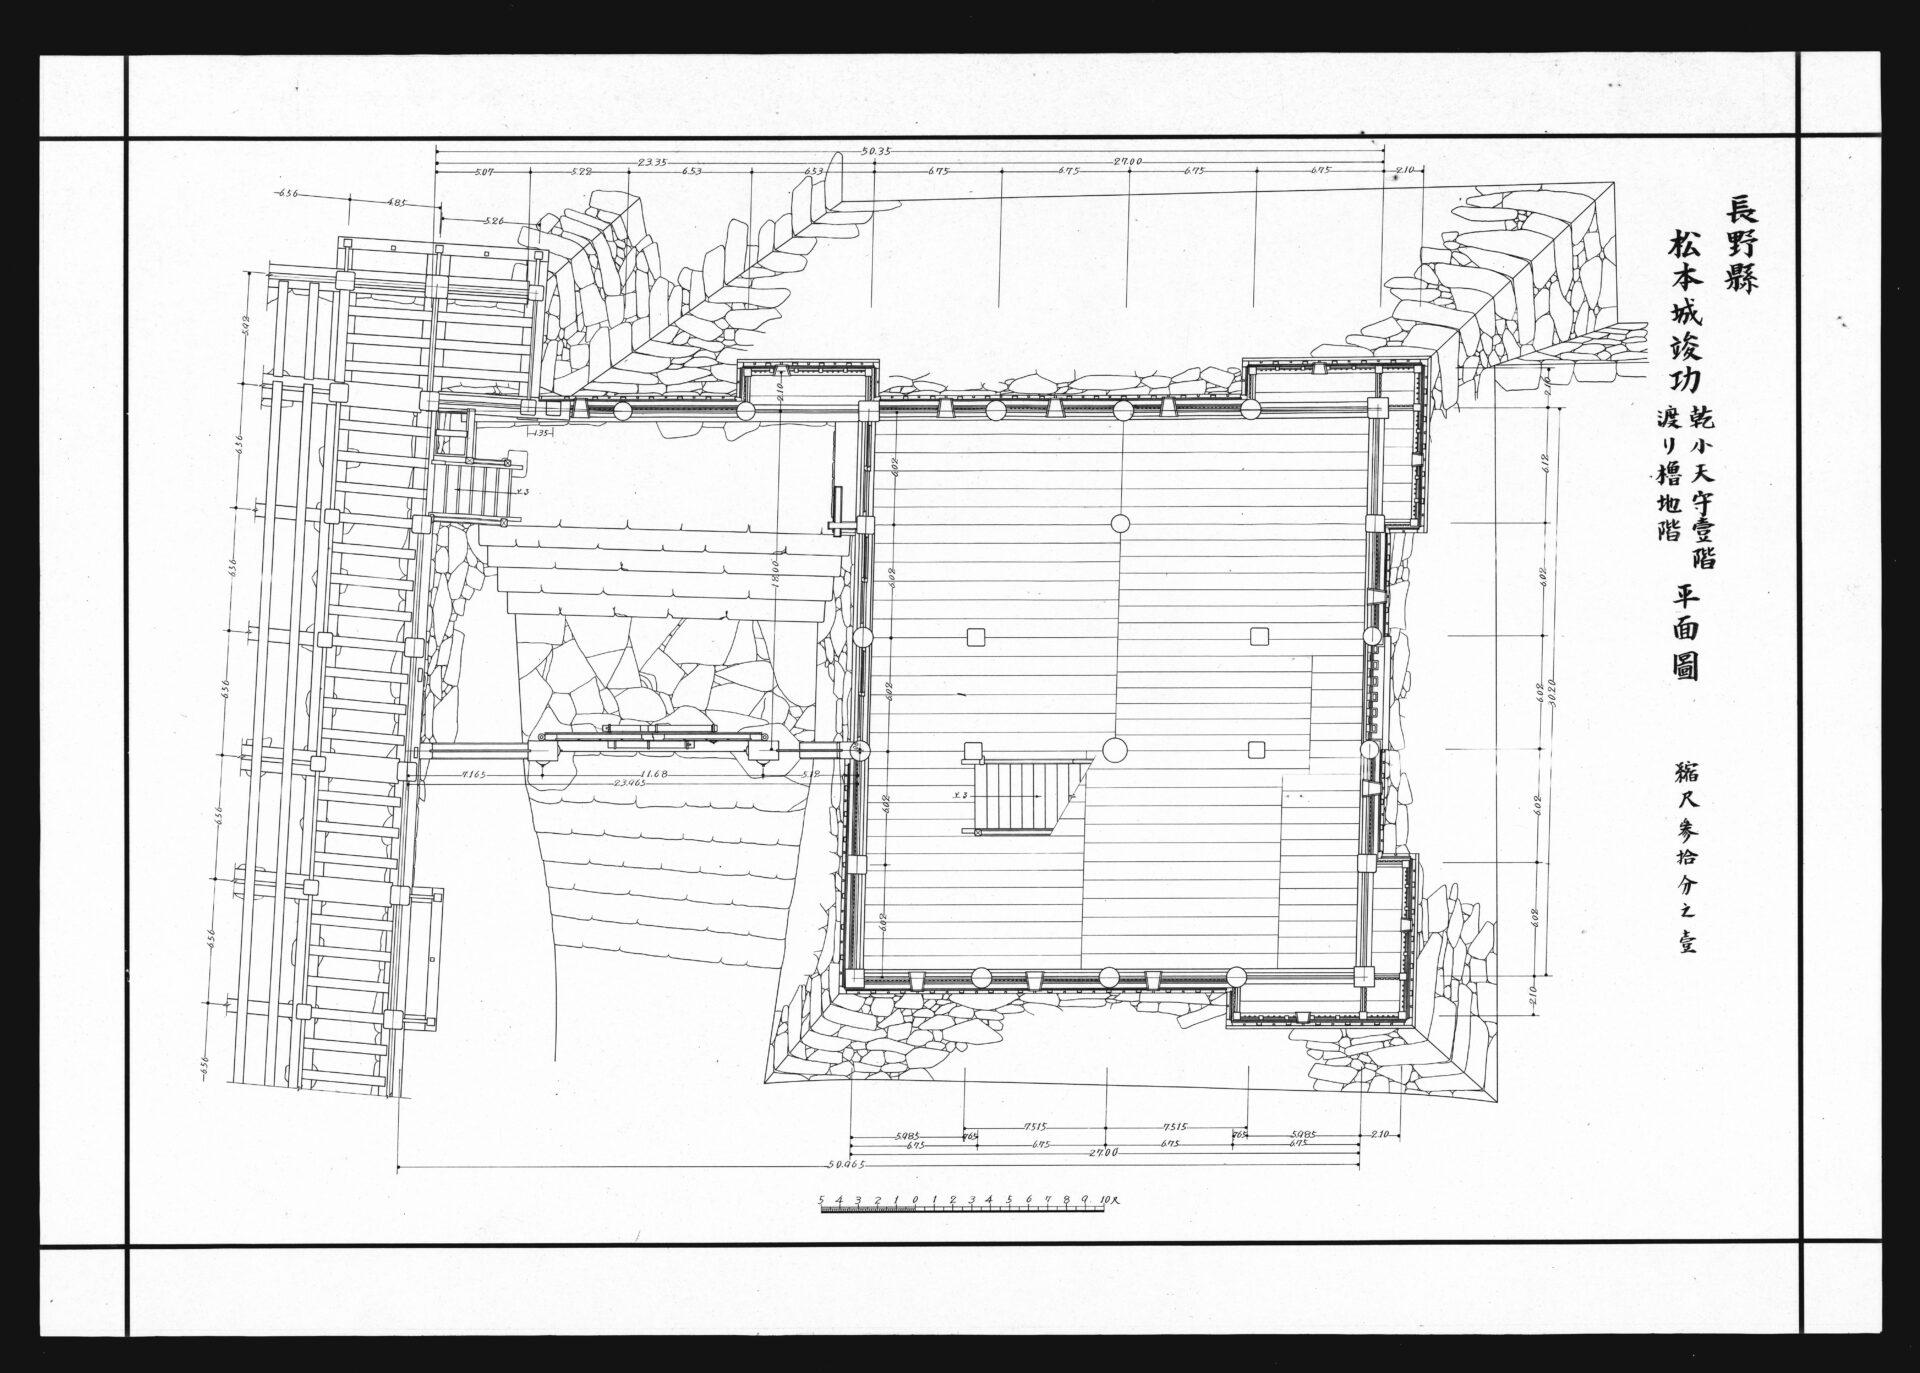 松本城竣功乾小天守一階・渡り櫓地階平面図